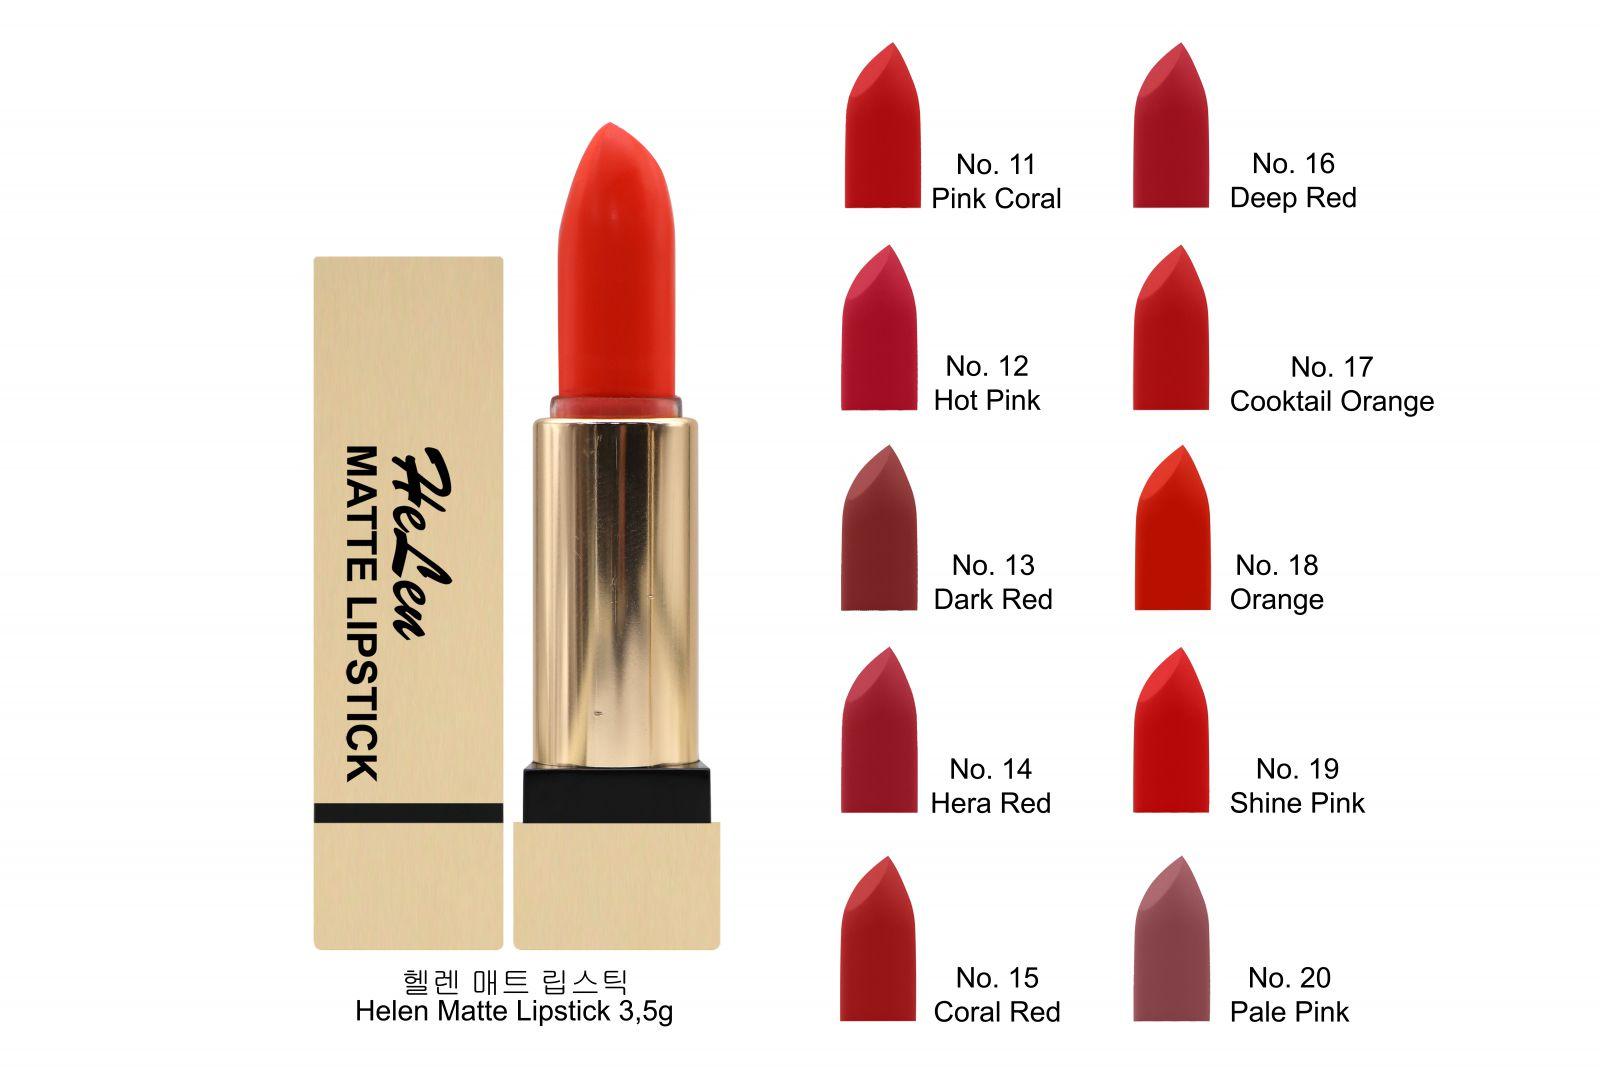 Son helen matte / Helen Matte Lipstick 3,5g